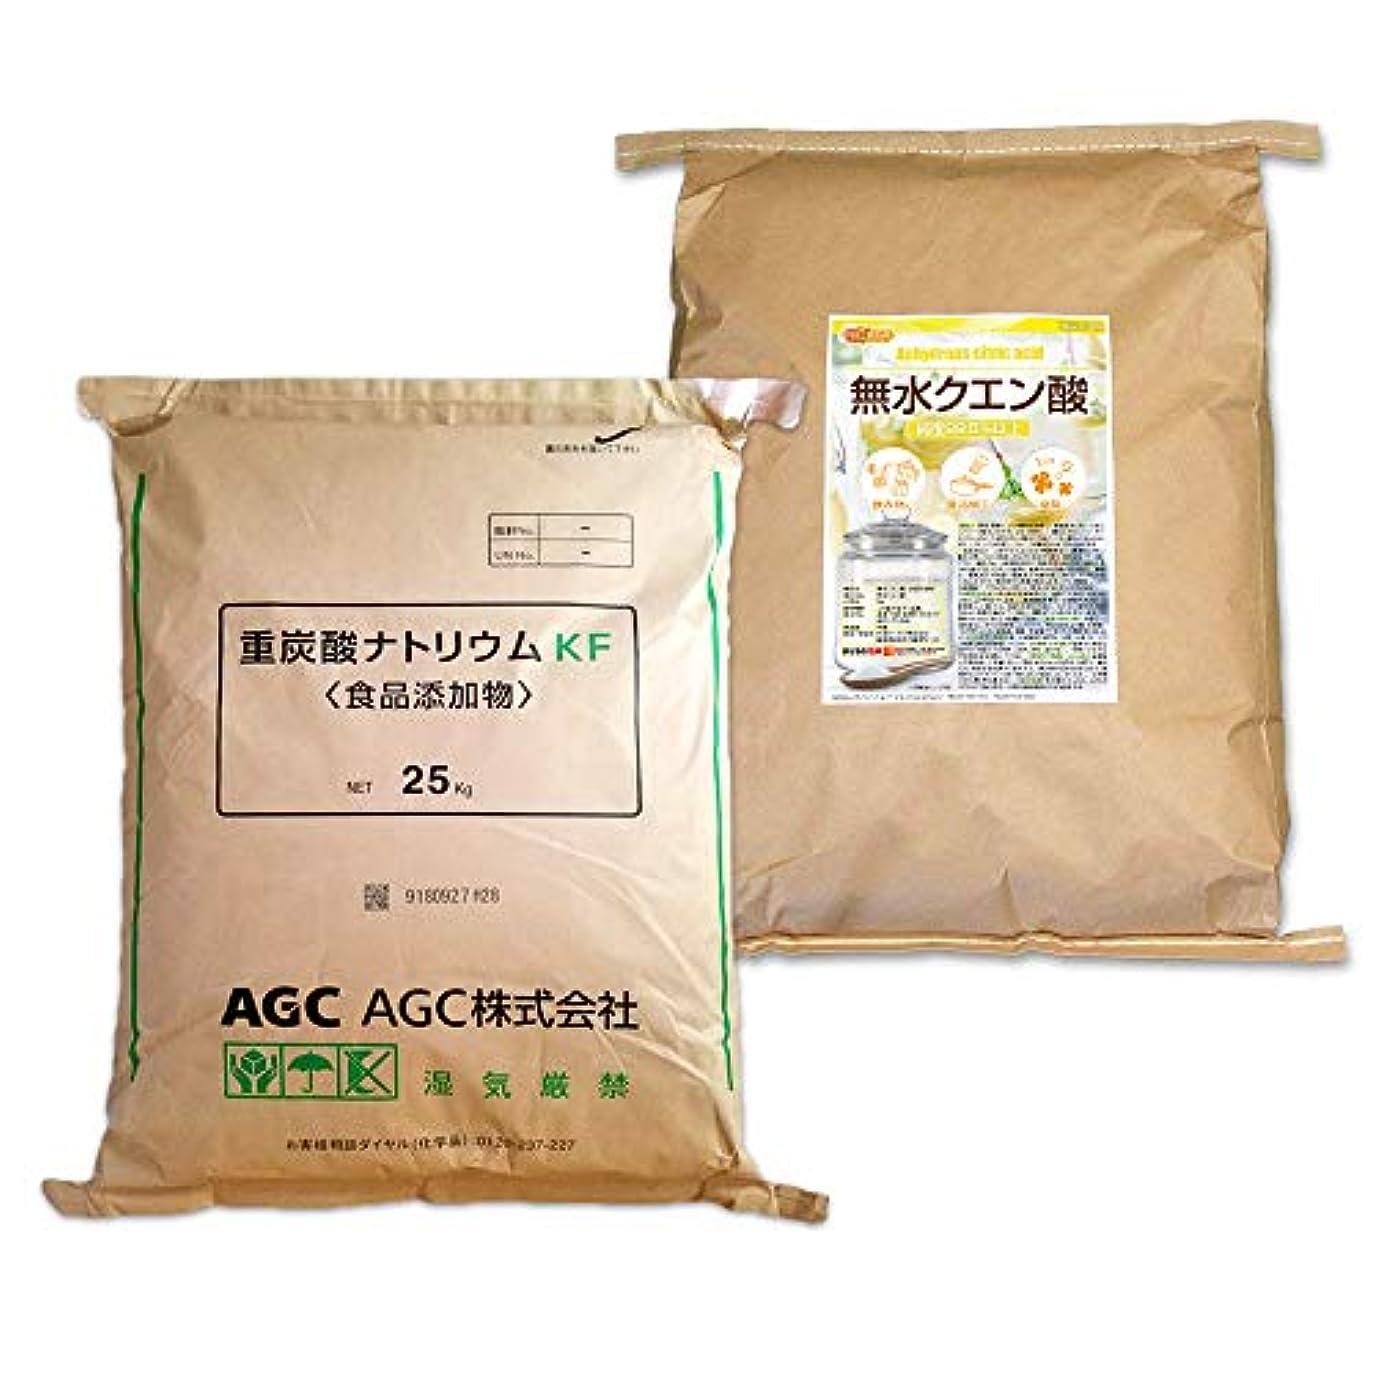 協定安心ベッツィトロットウッドAGC製 重曹 25kg + 無水 クエン酸 25kg セット [02] 【同梱不可】NICHIGA(ニチガ)